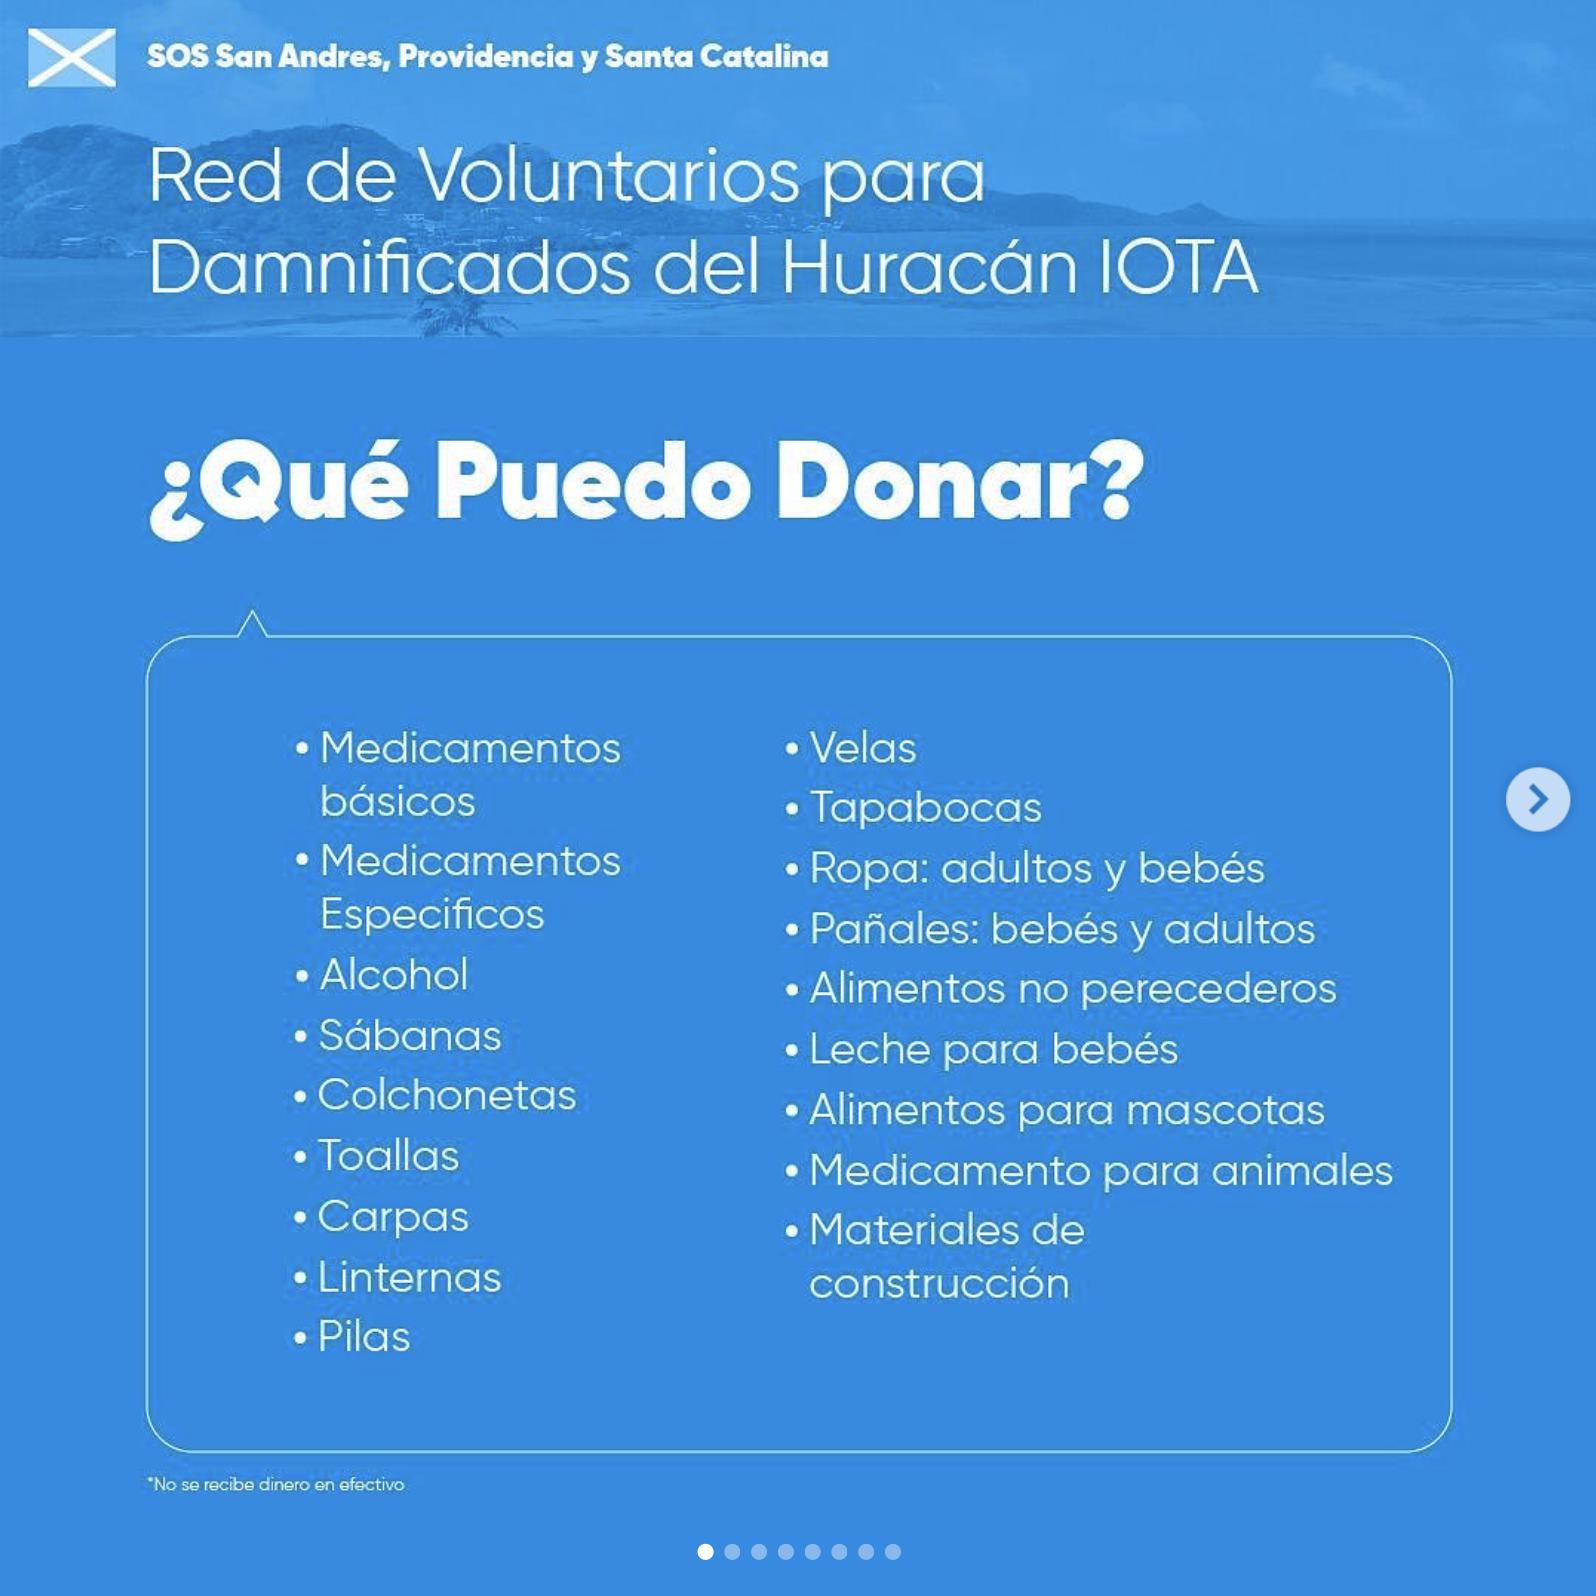 SOS San Andrés, Providencia y Santa Catalina